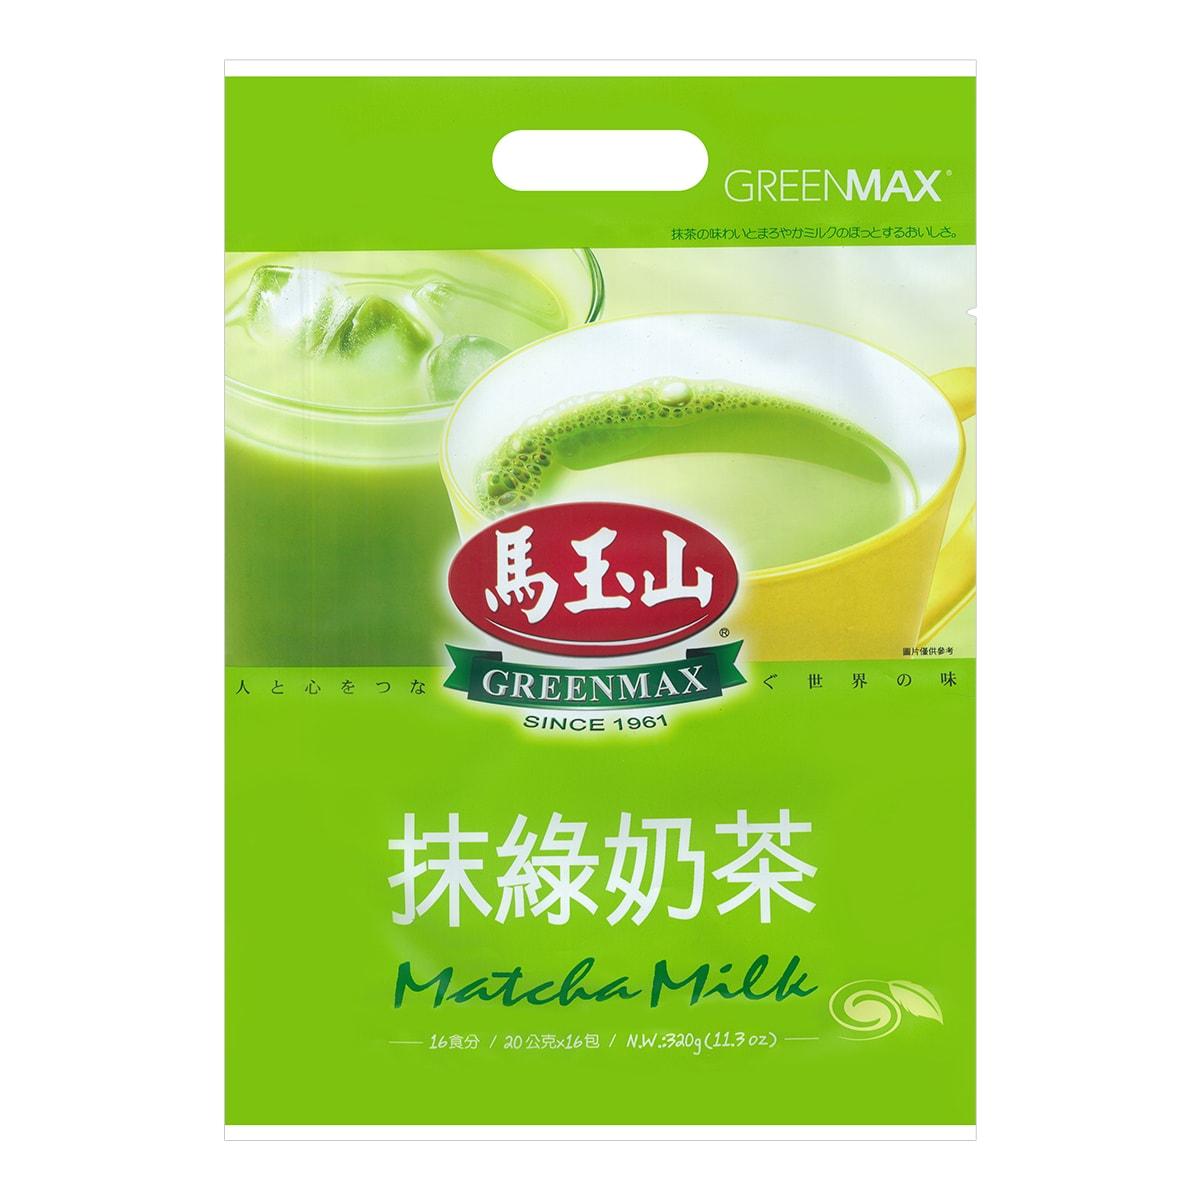 台湾马玉山 抹绿奶茶 16包入 320g